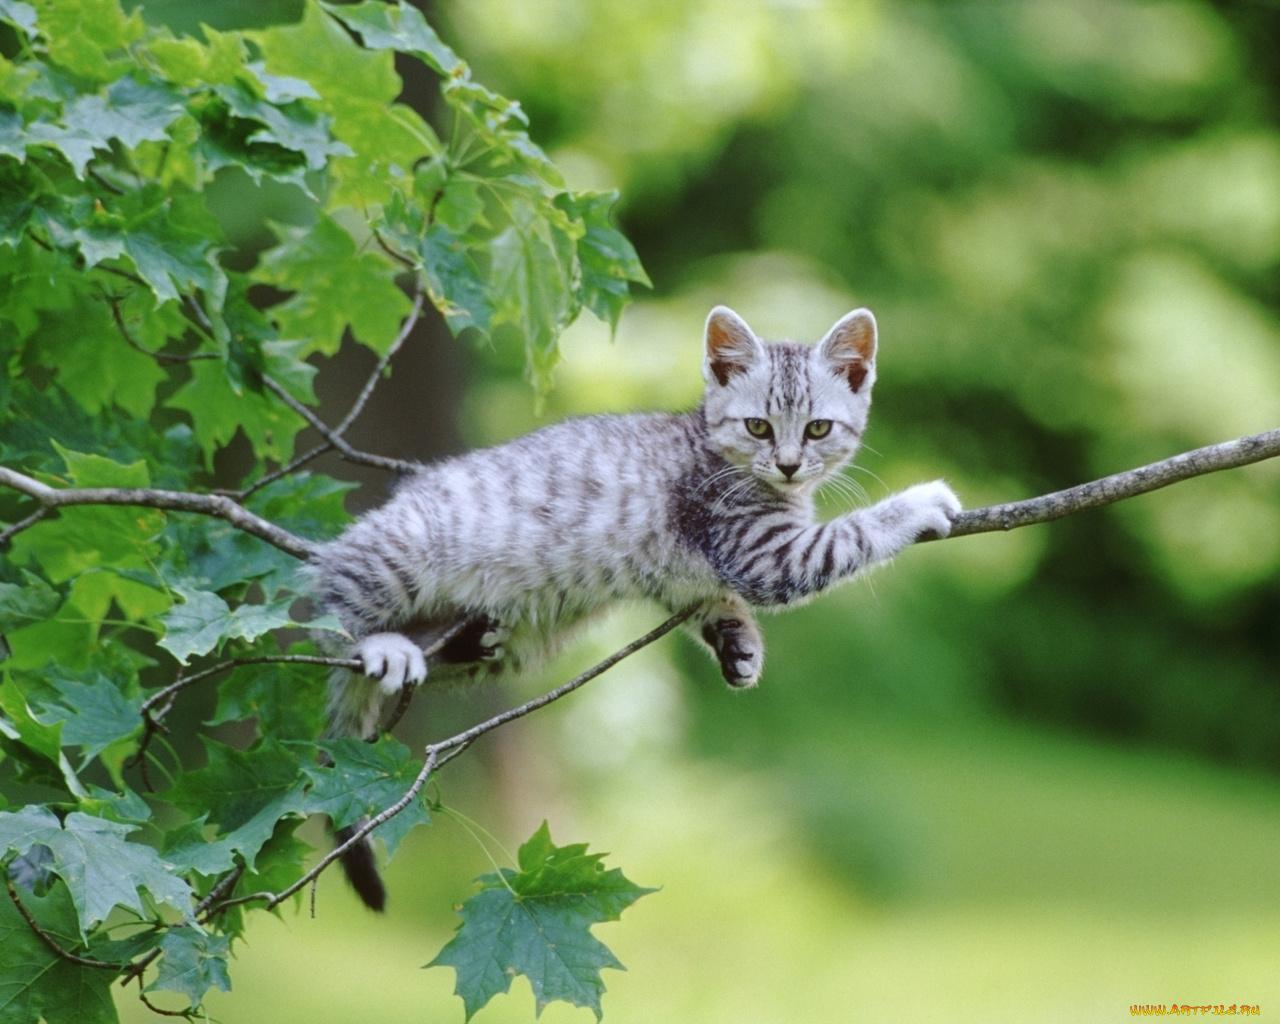 природа животные кот котенок серый журавлики nature animals cat kitten grey cranes  № 654692 загрузить